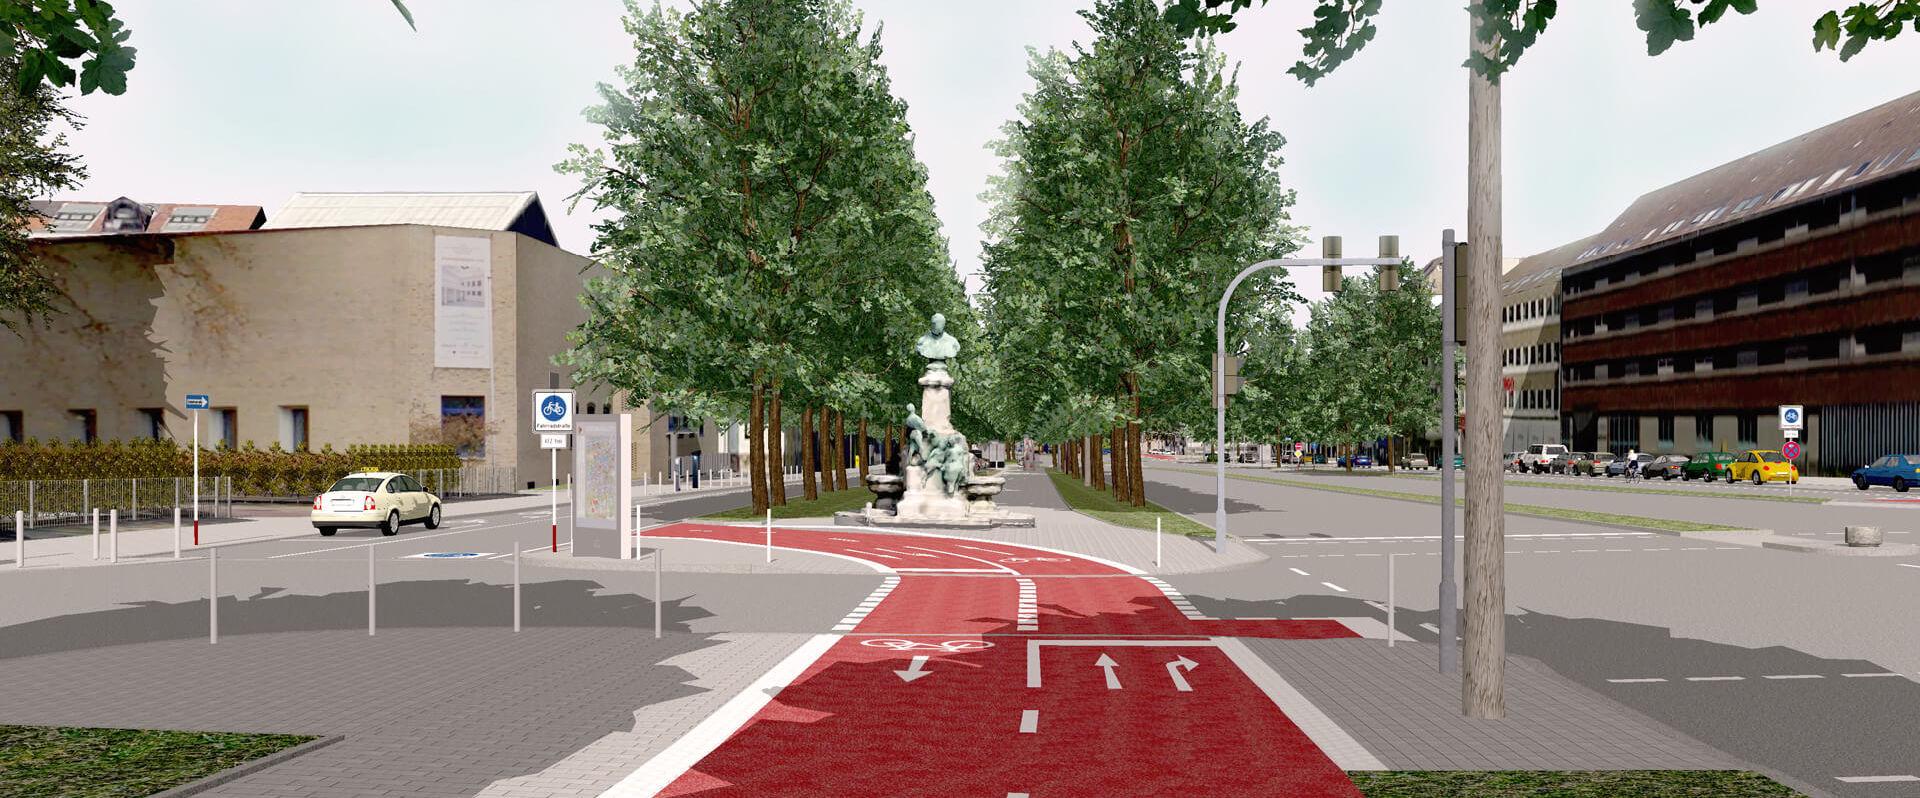 3D-Entwurf für die neue Fahrradstraße am Dortmunder Wallring, der im Rahmen der Emissionsfreien Innenstadt entsteht